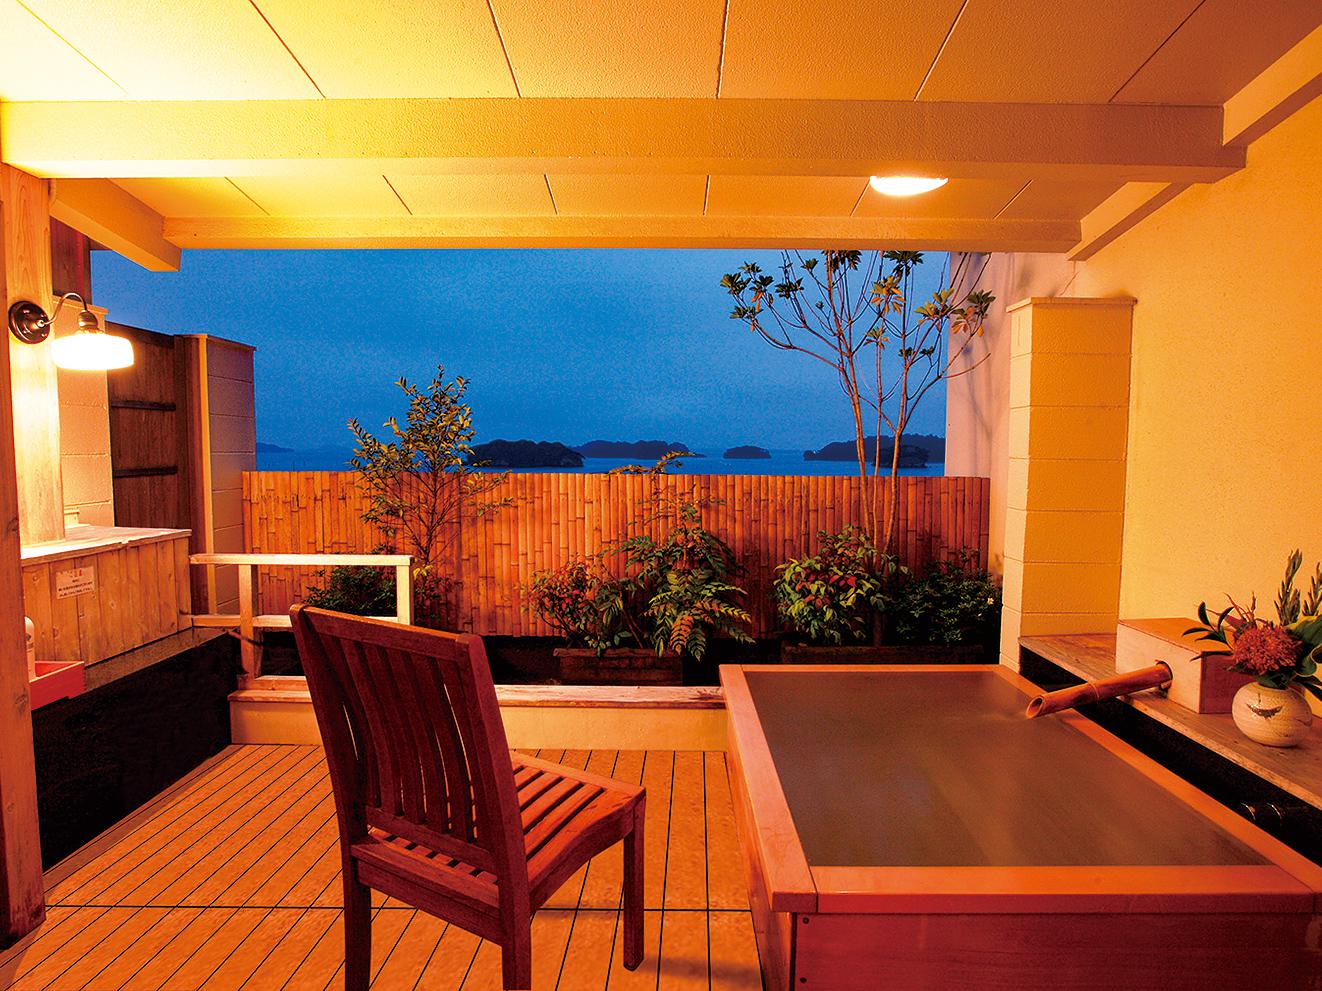 松島湾の景観を満喫! 露天風呂付き客室でリラックス 1泊朝食付 1組2名様